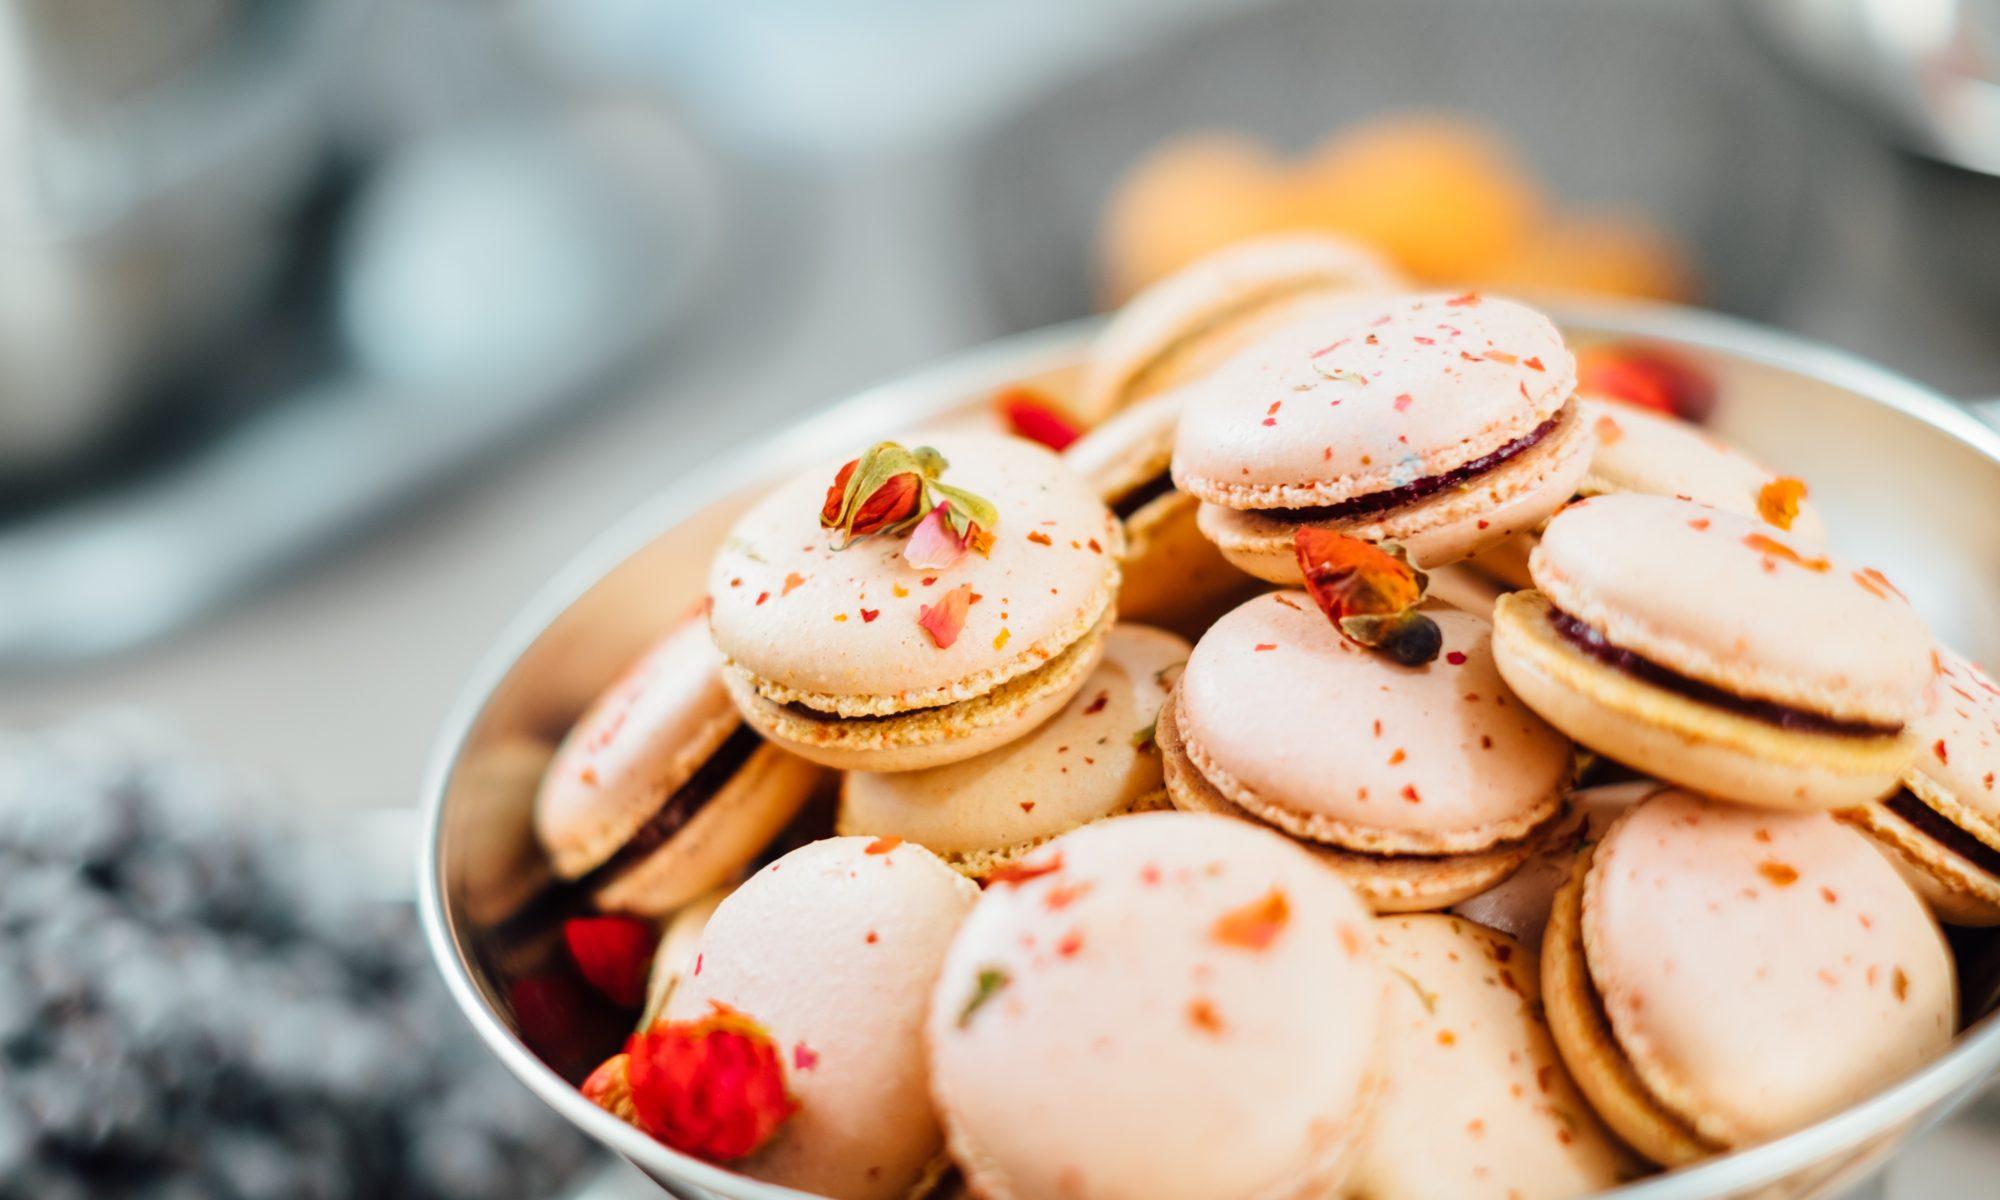 Voyager à paris pour découvrir les plats parisiens